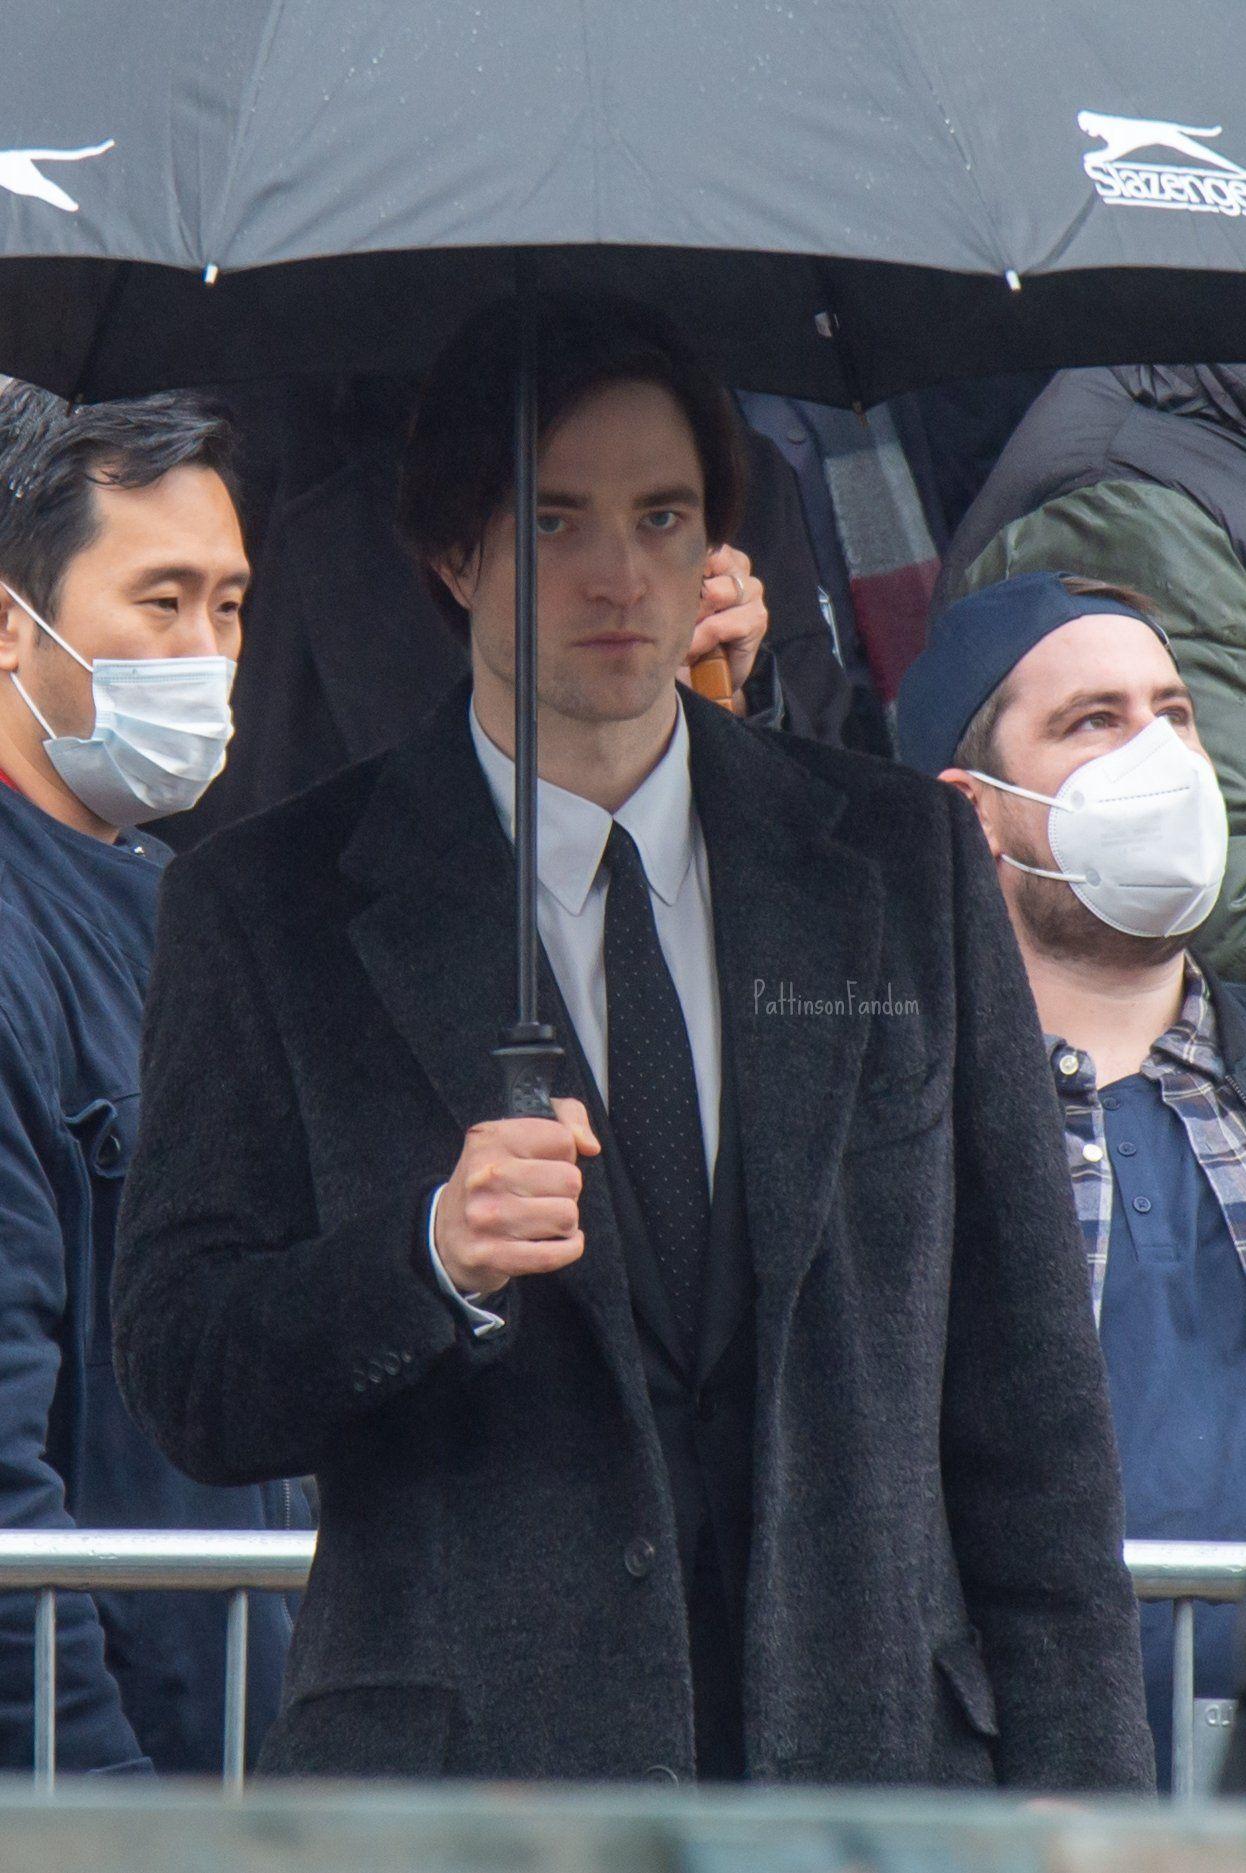 Robert Pattinson Photos On Twitter Robert Pattinson Movies Robert Pattinson Bruce Wayne